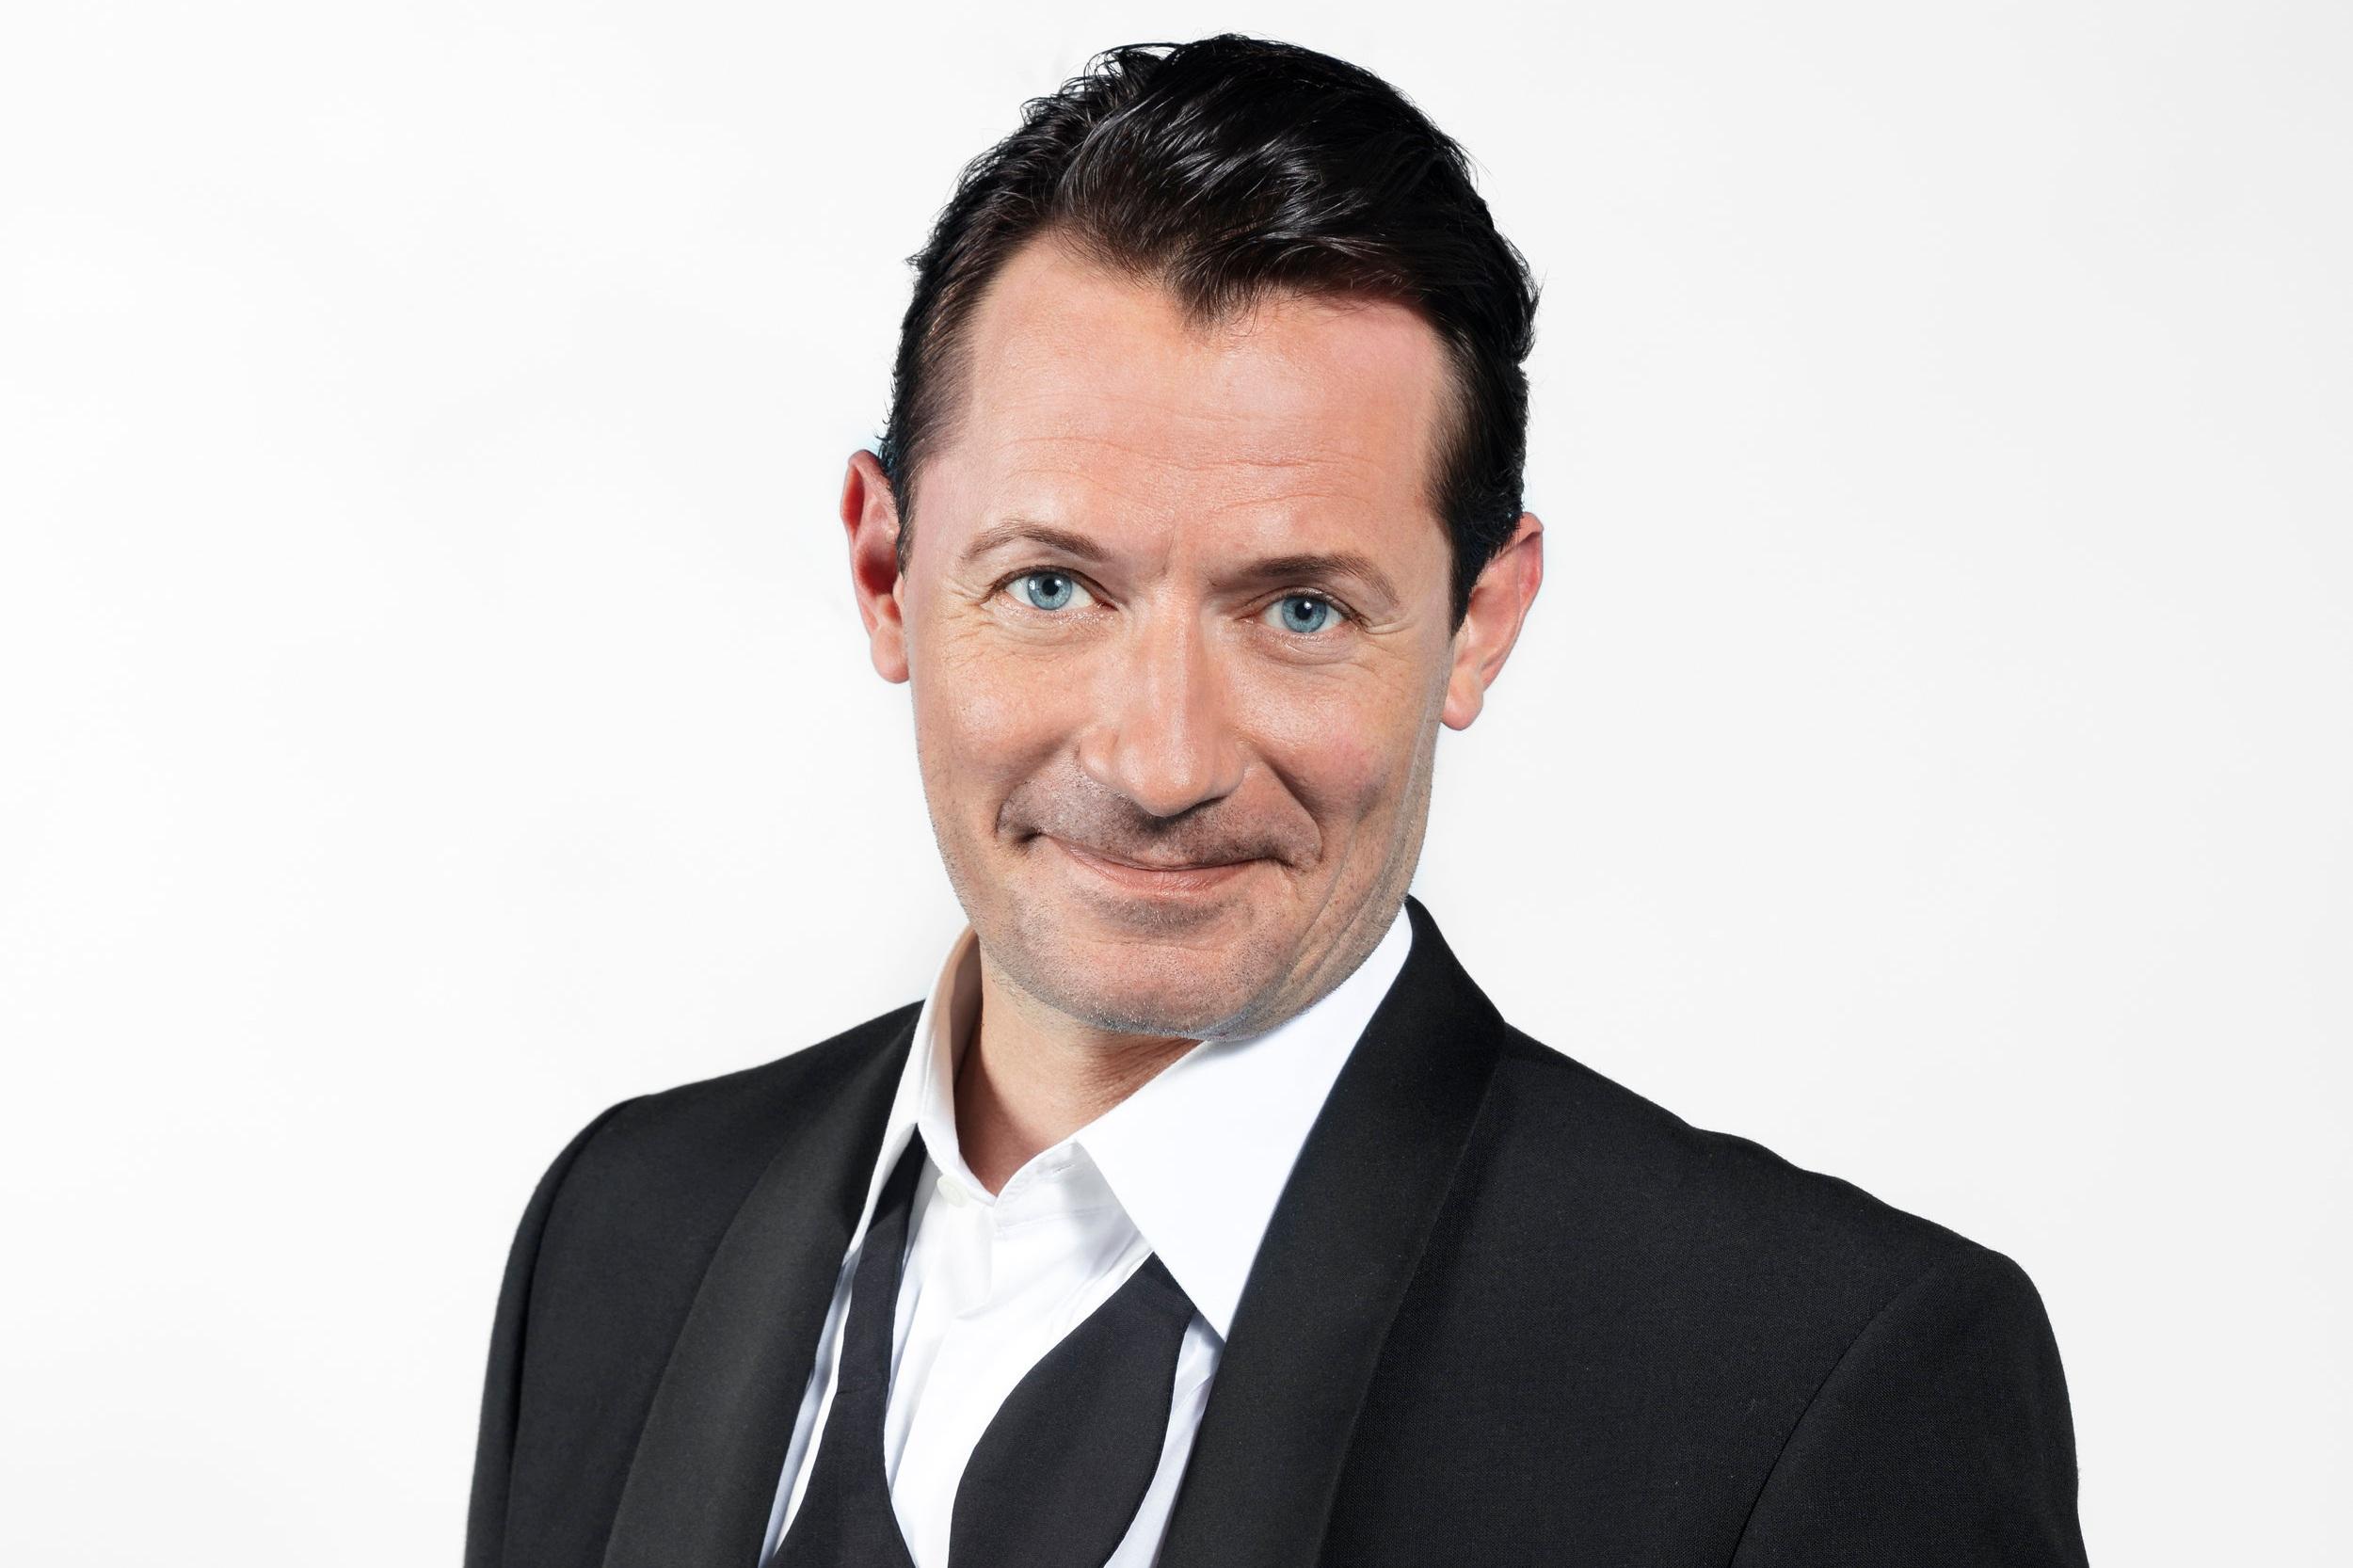 """Jens Jacob Tychsen - blandt andet kendt som """"Hr. Weyse"""" i Tv2's populære TV-serie Badehotellet. Pressefoto."""